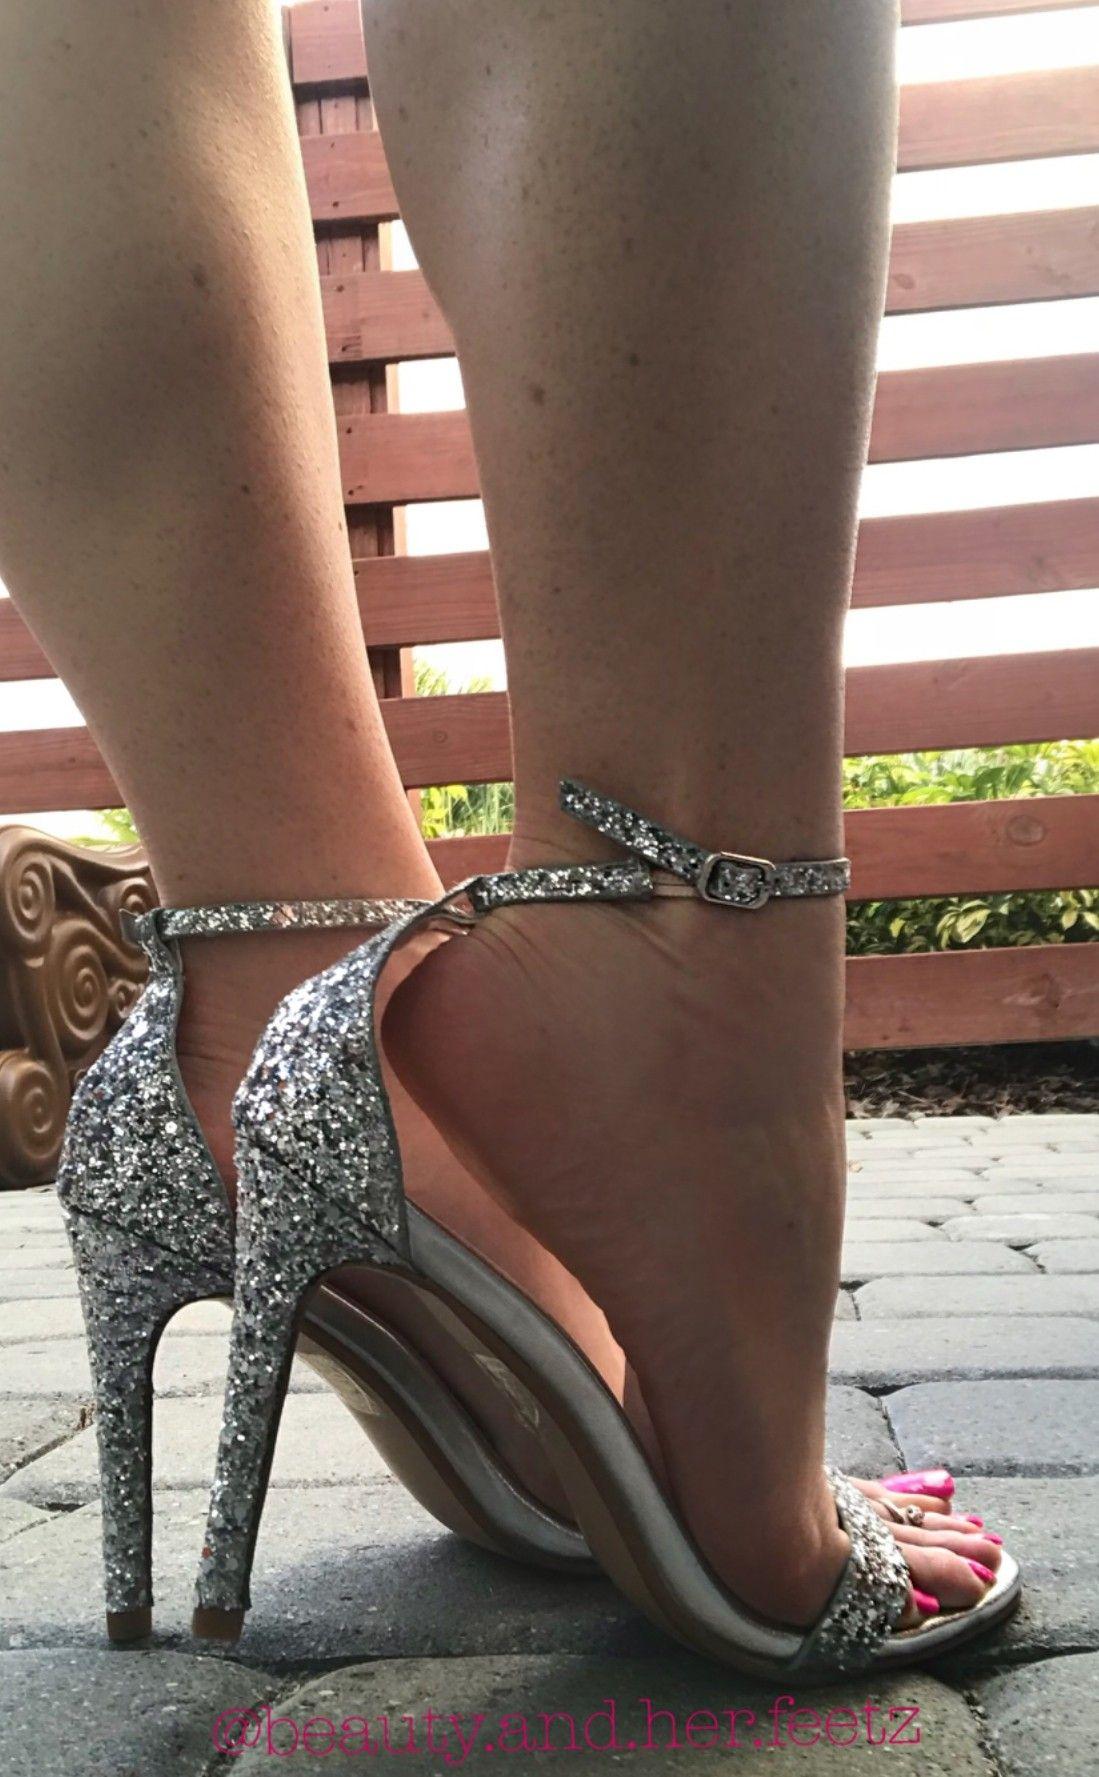 Pin de Gerard Brown en Love Feet   Pinterest  Feet Tacones zapatos y ced879